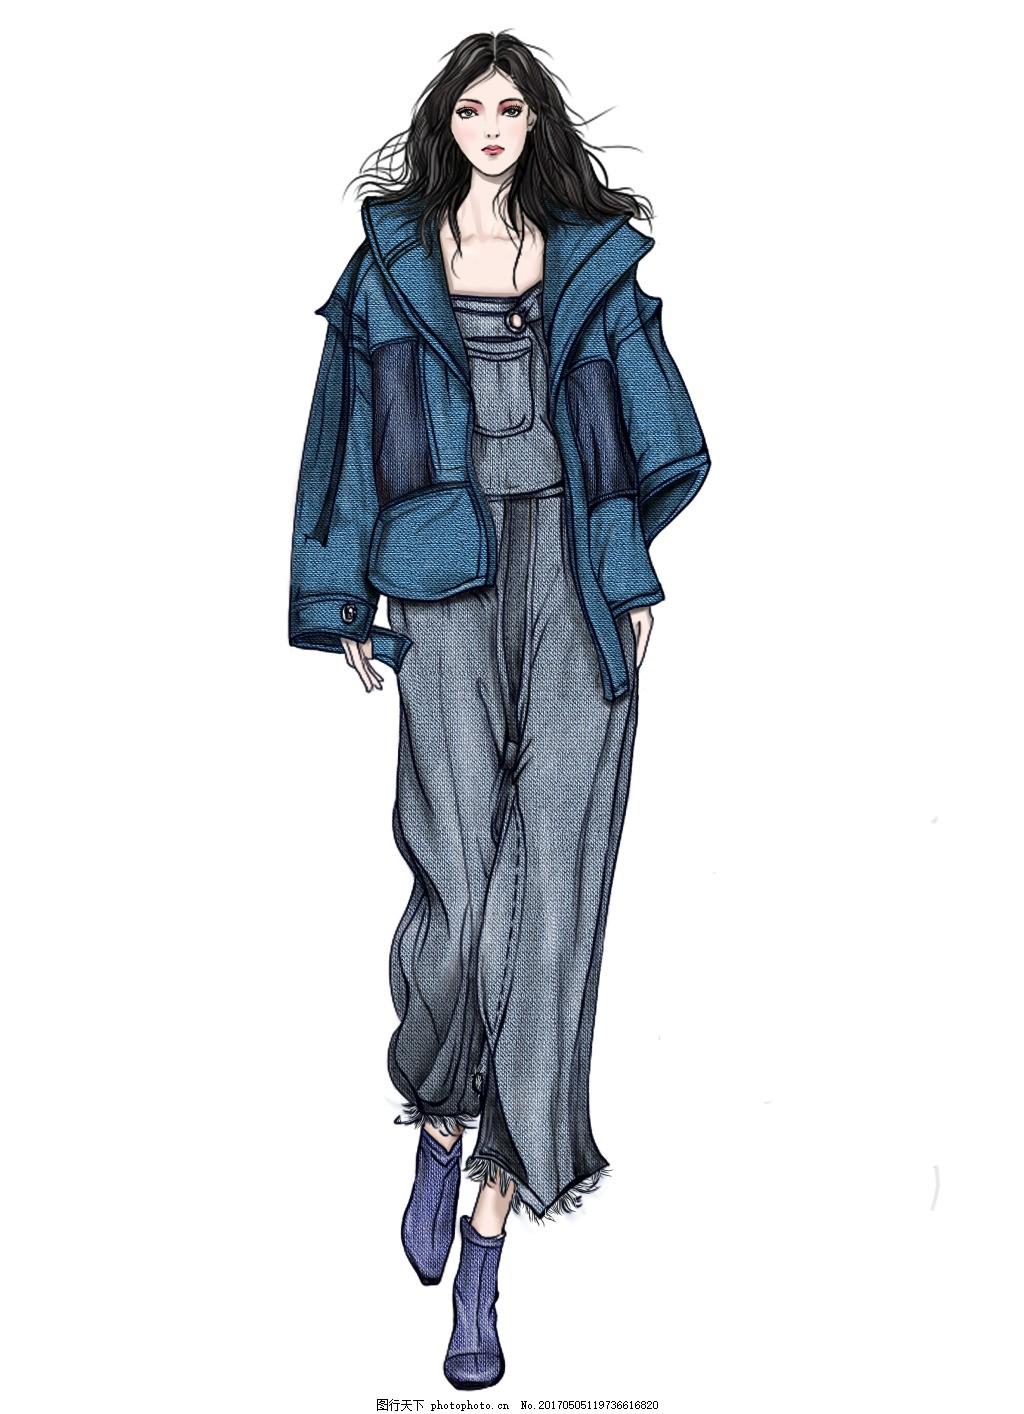 服装效果图 手绘服装效果图 手绘美女图 女装设计